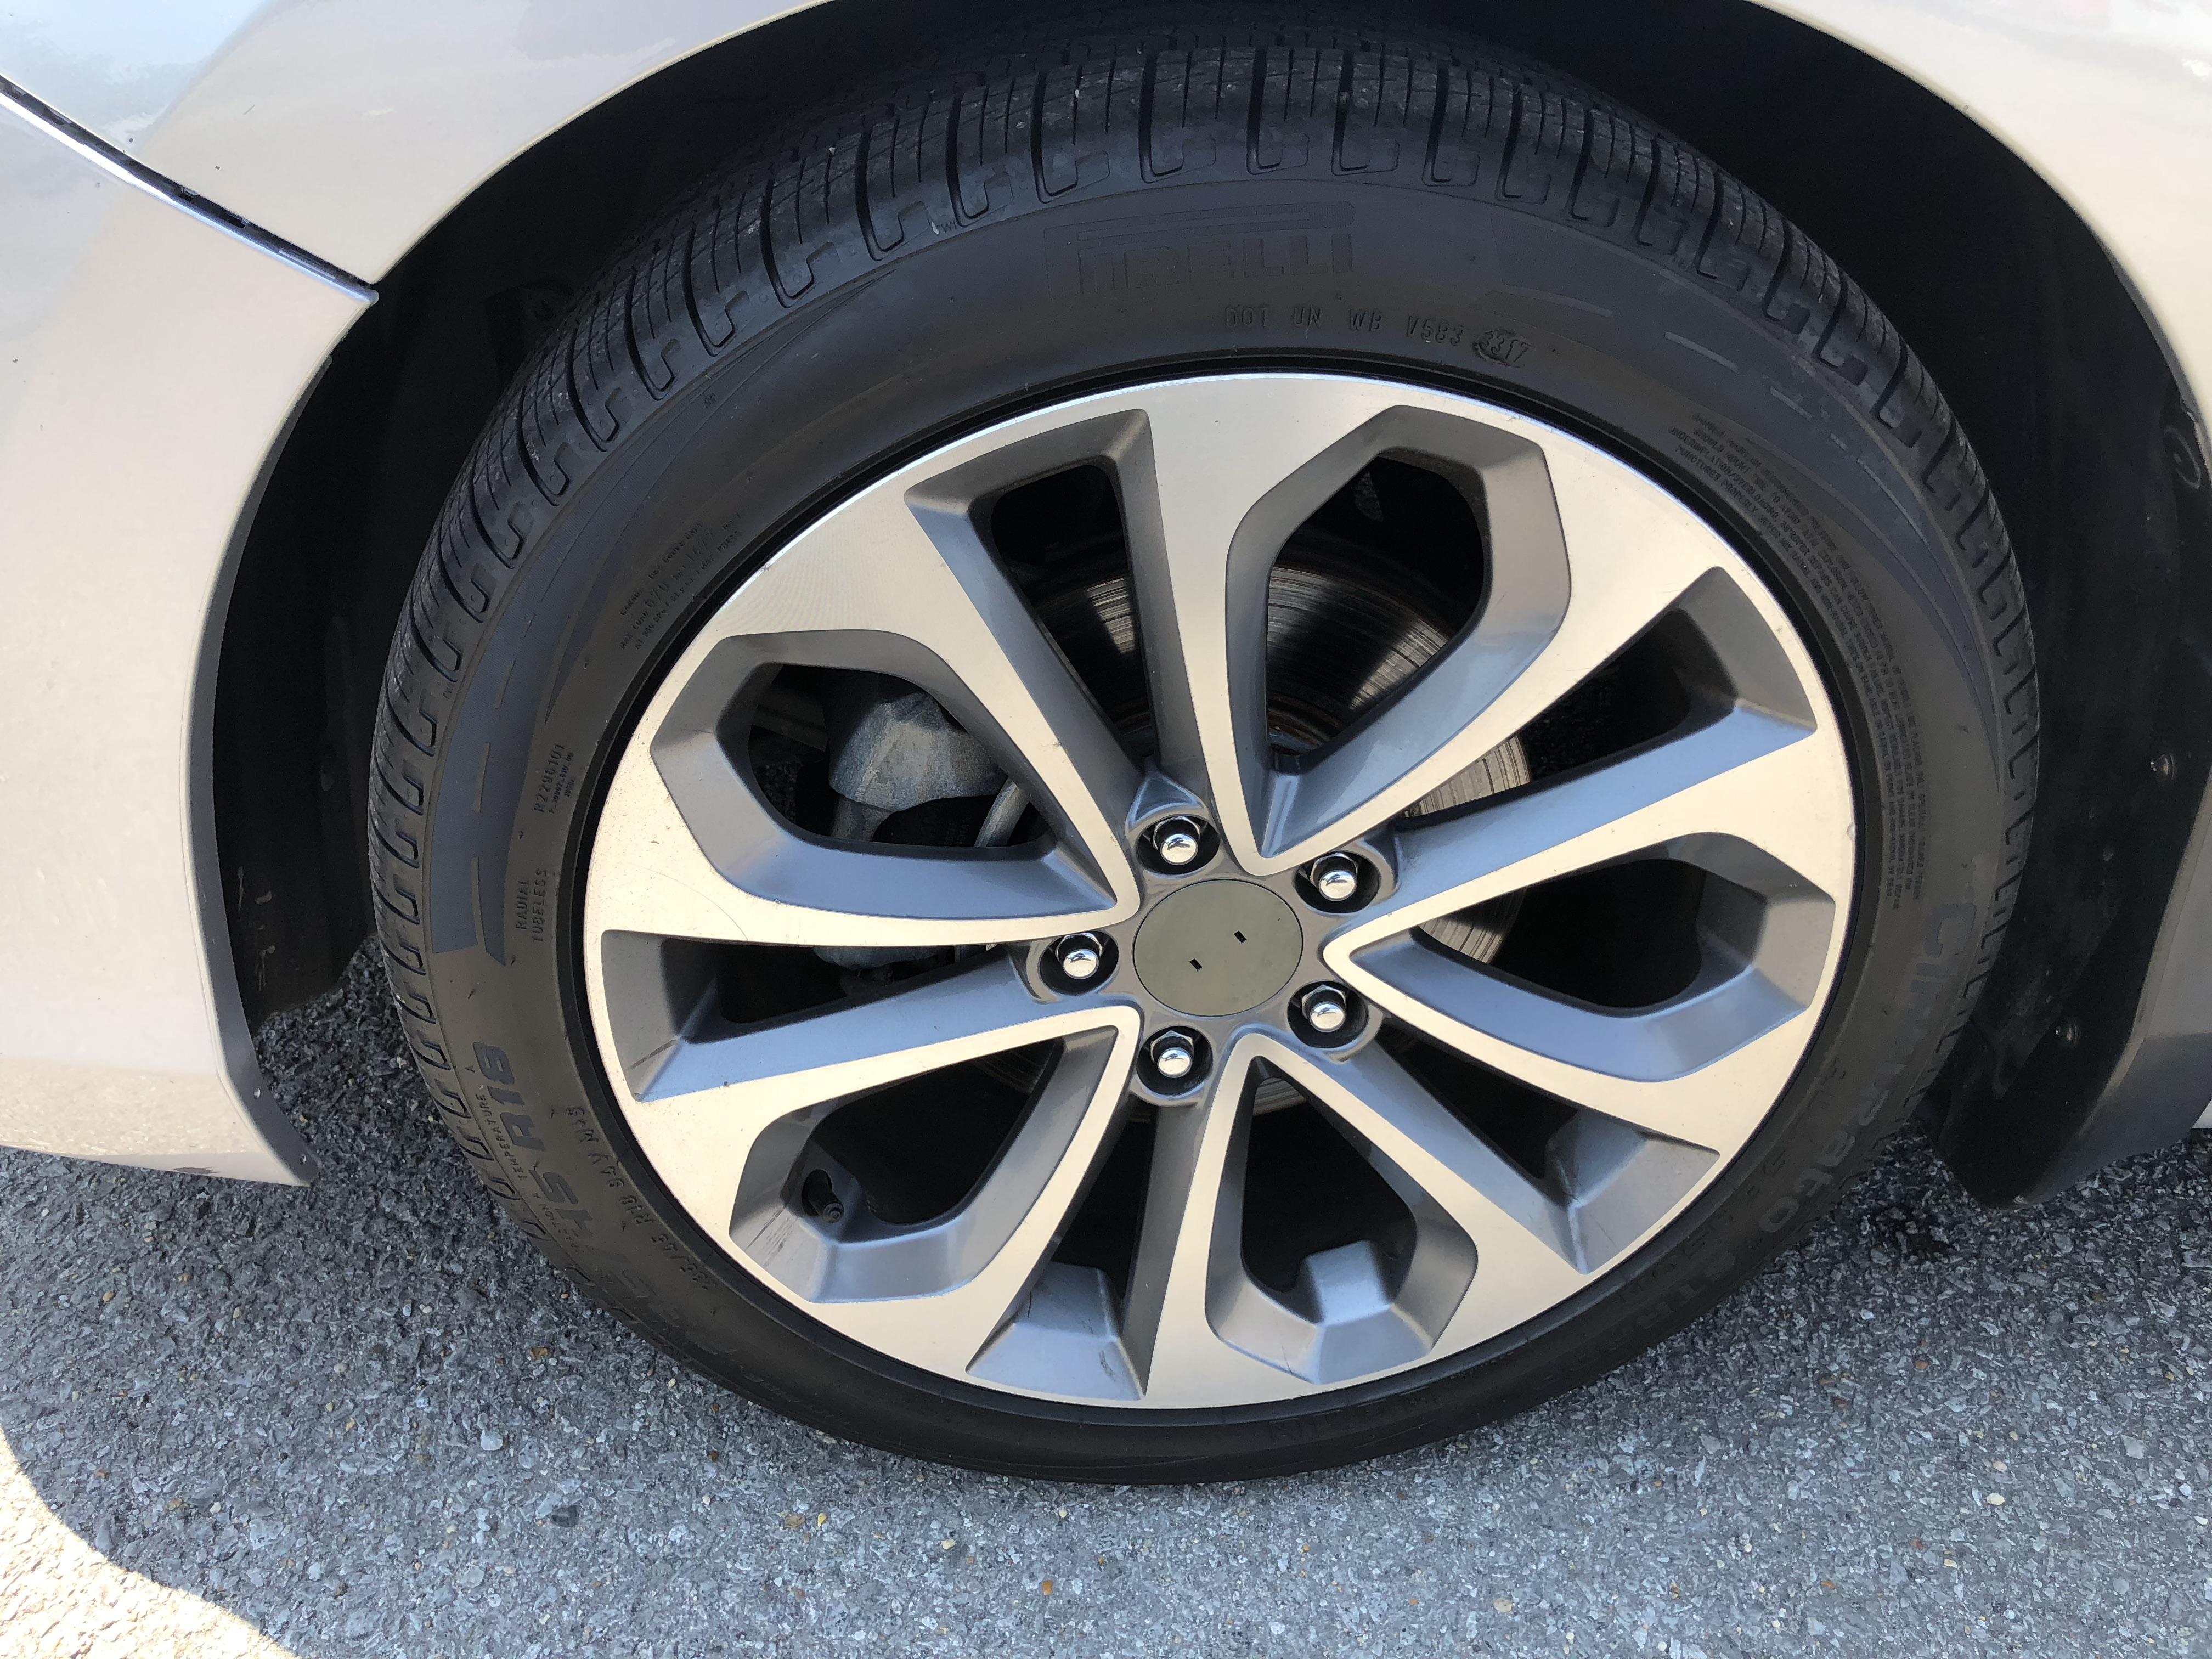 reviews int l articles winding ex driven sedan accord road v honda